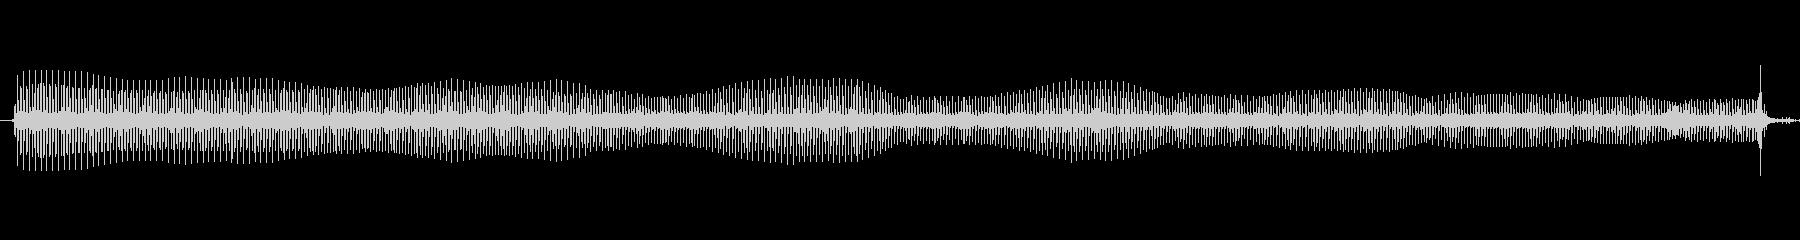 電動カッター:スタート、カットヘア...の未再生の波形